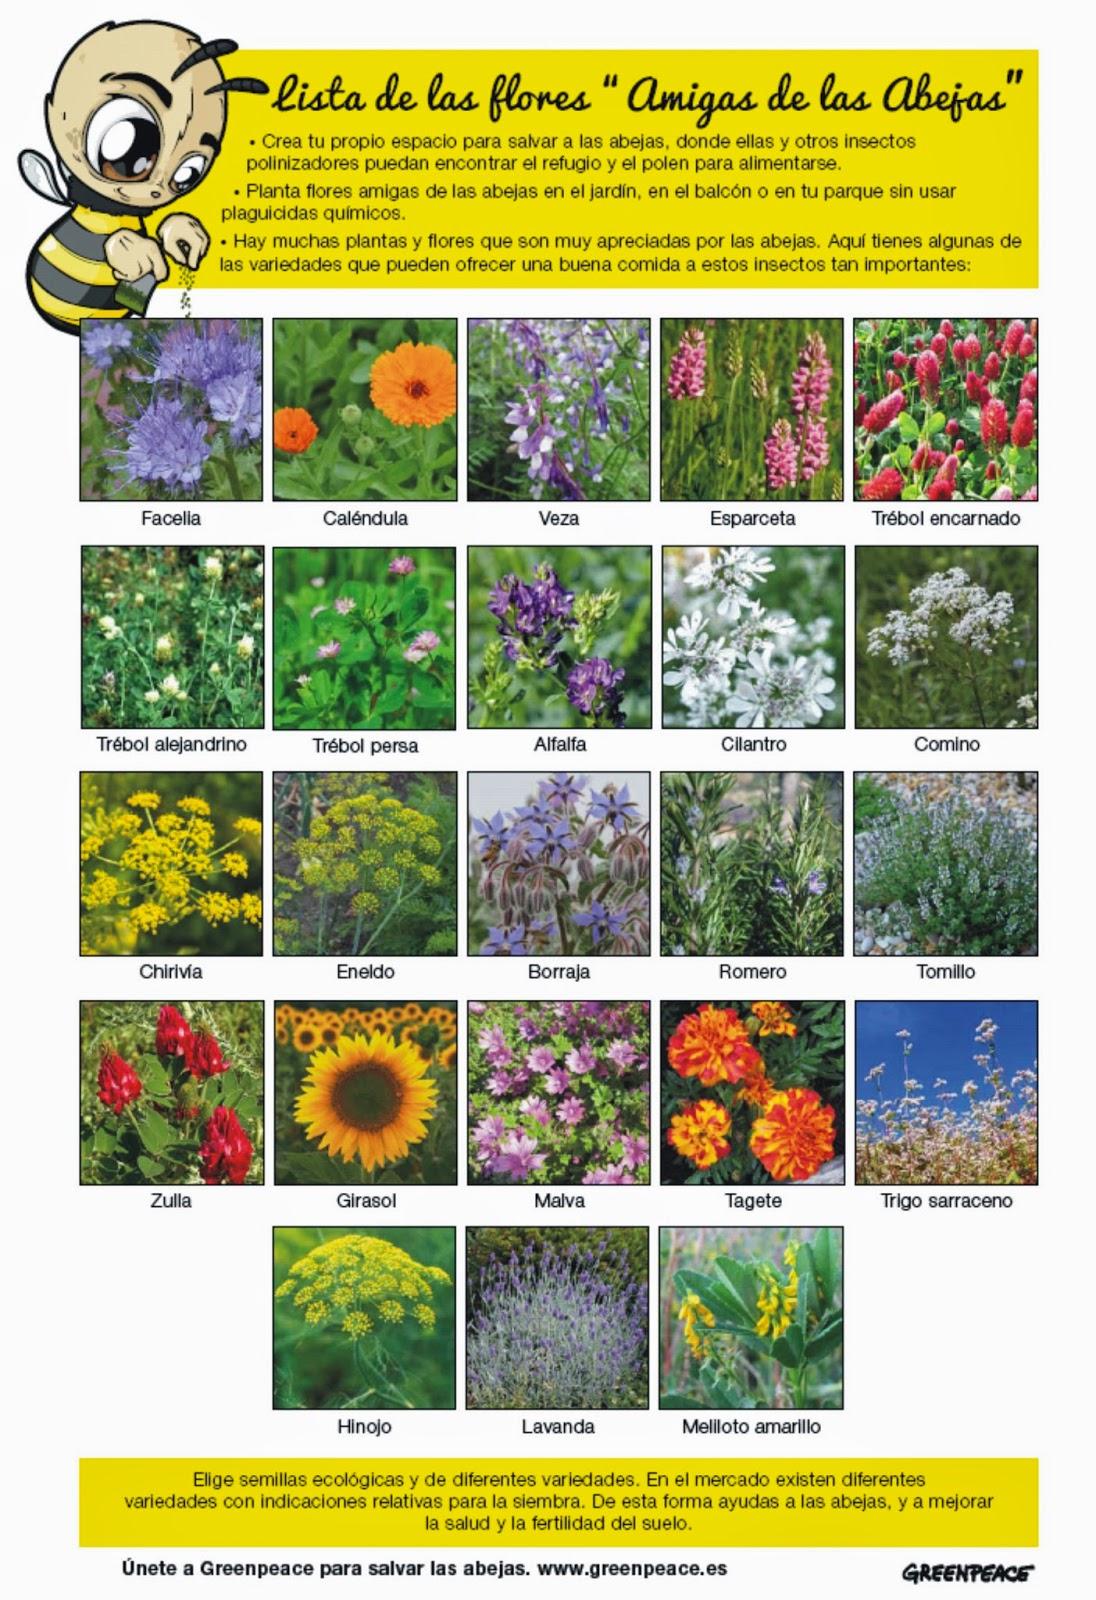 La colmena feliz que podemos hacer for Ahuyentar abejas jardin